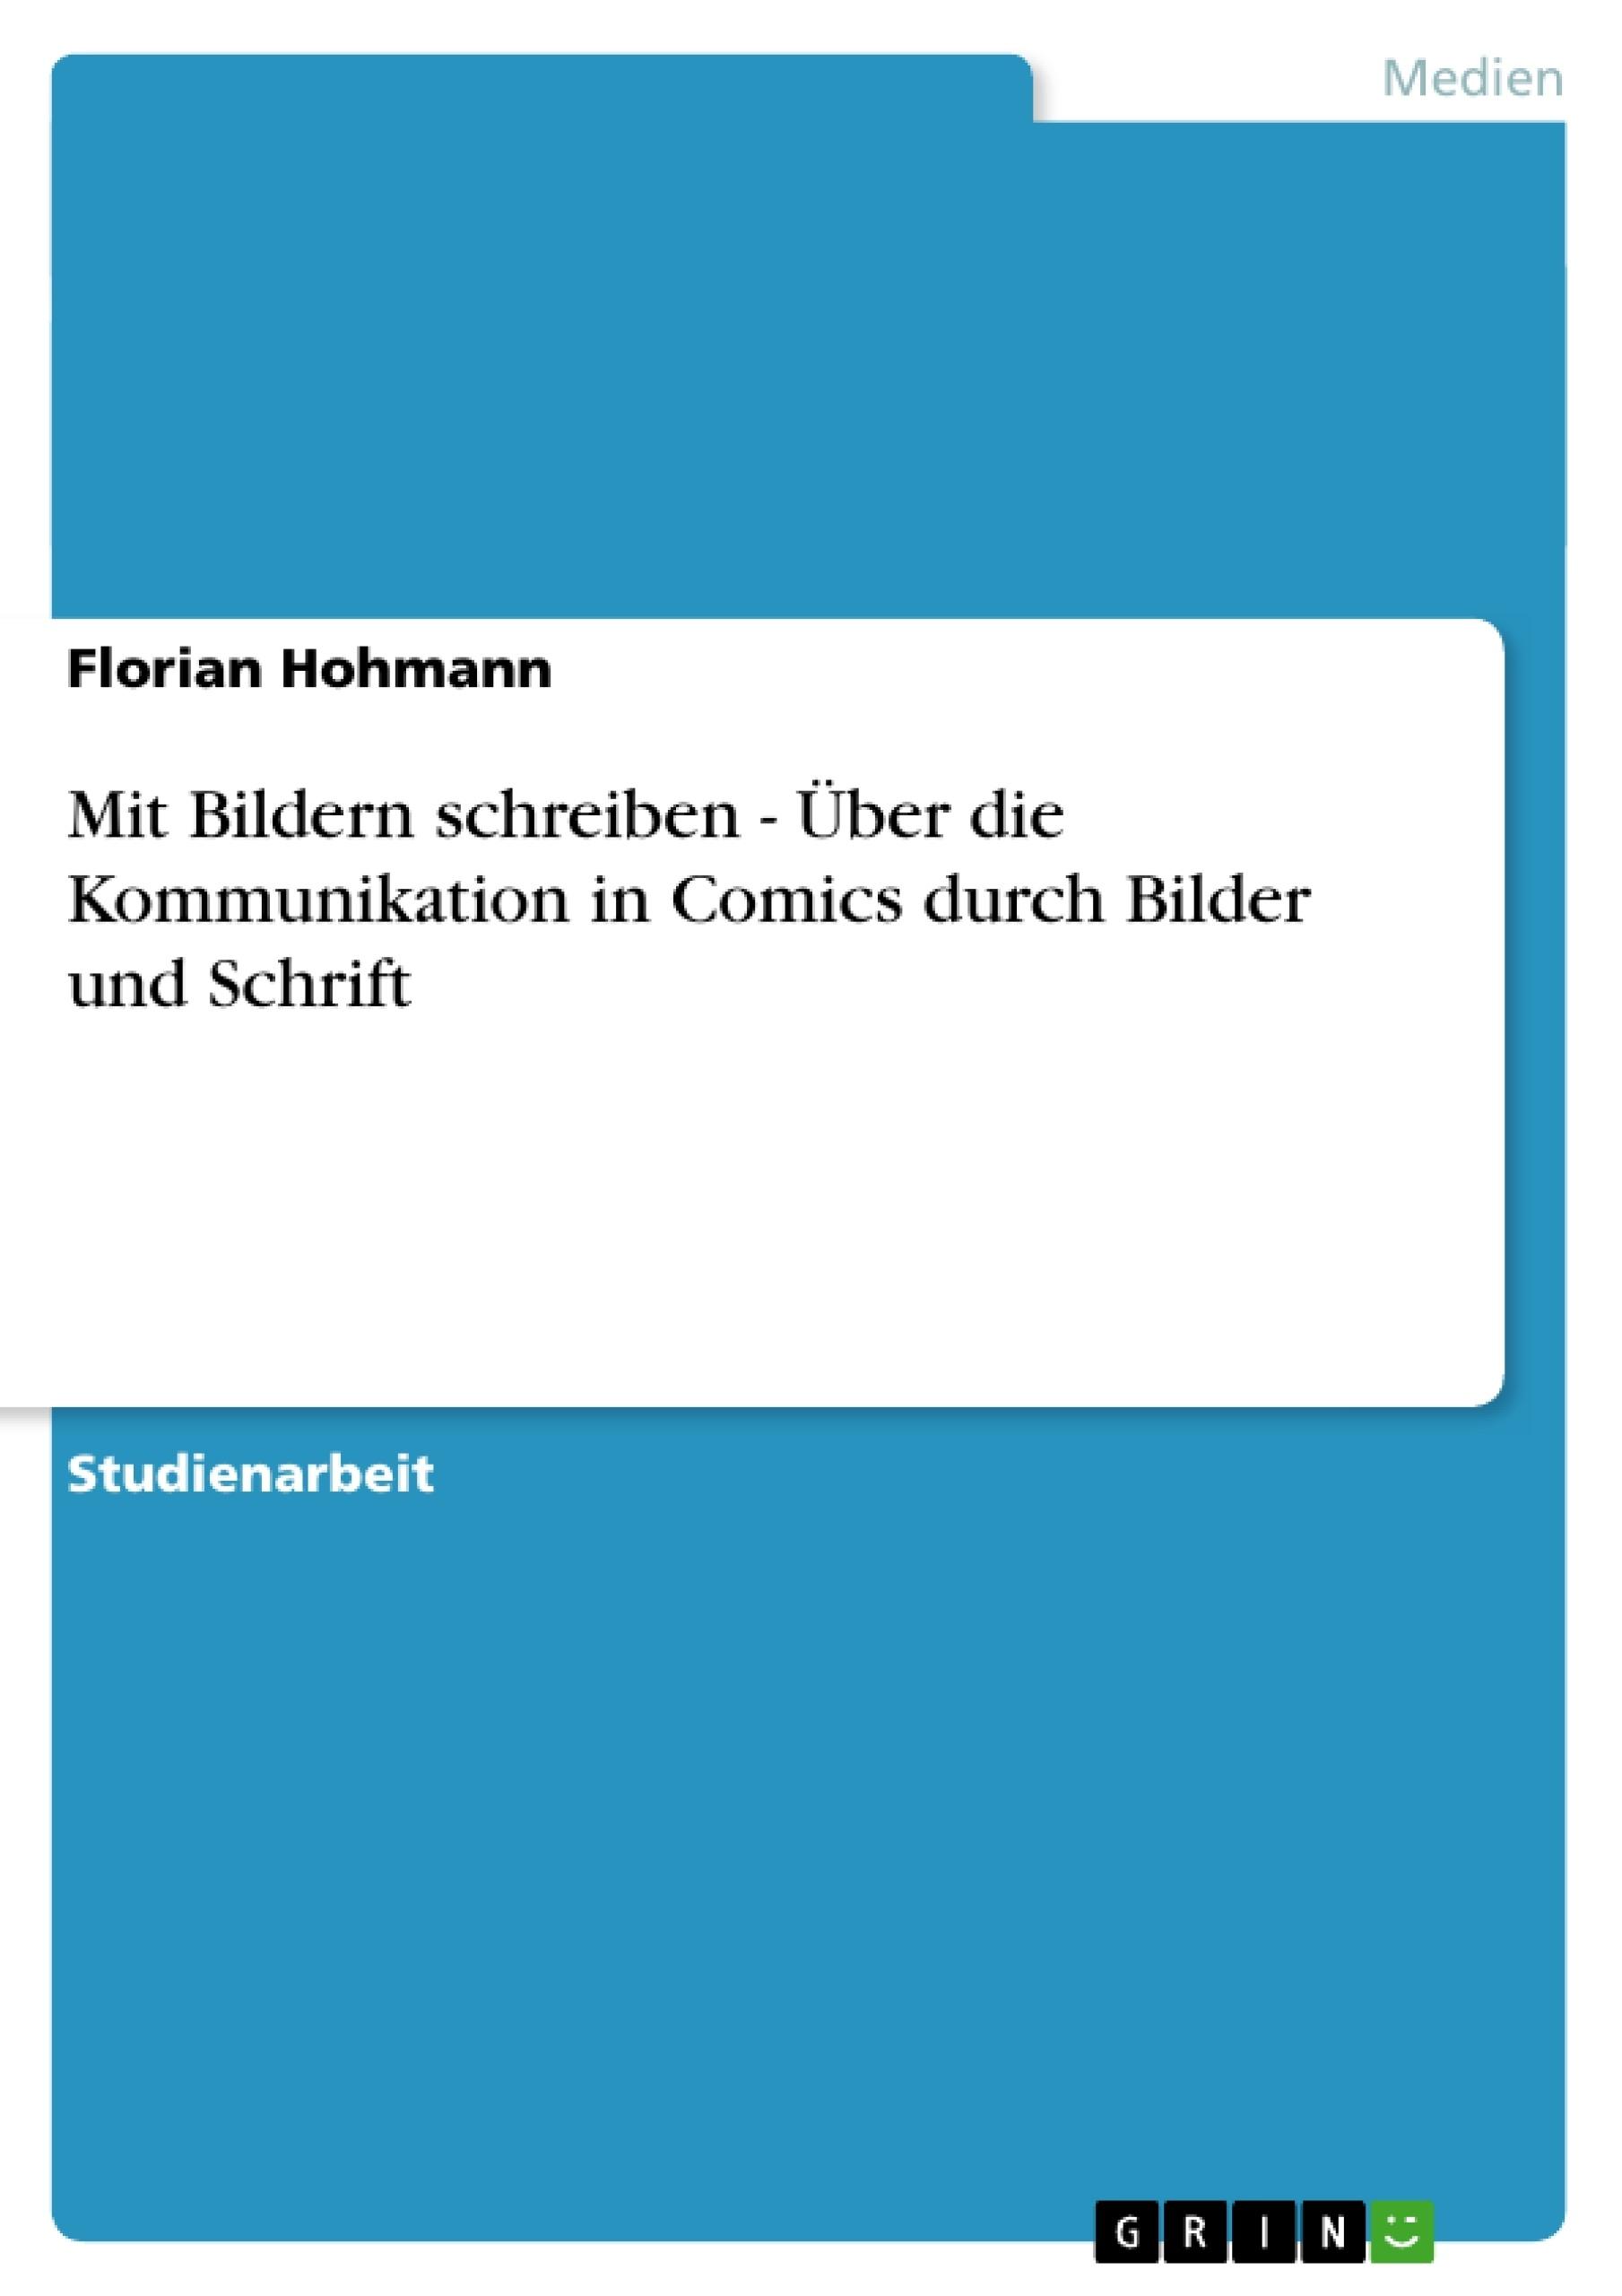 Titel: Mit Bildern schreiben - Über die Kommunikation in Comics durch Bilder und Schrift